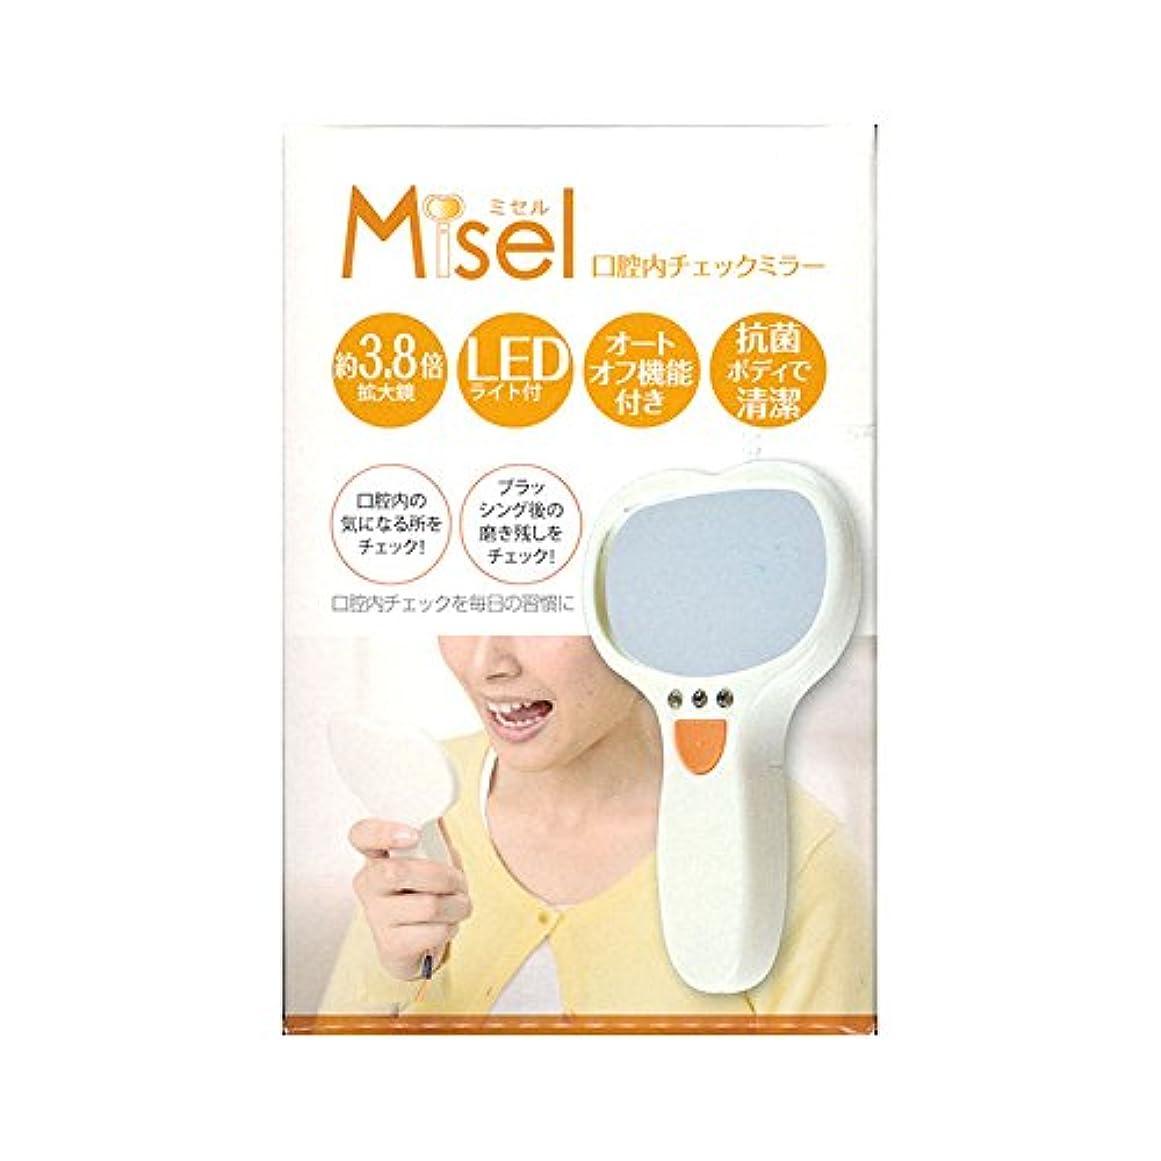 癌未使用することになっている口腔内チェックミラー ミセル Misel